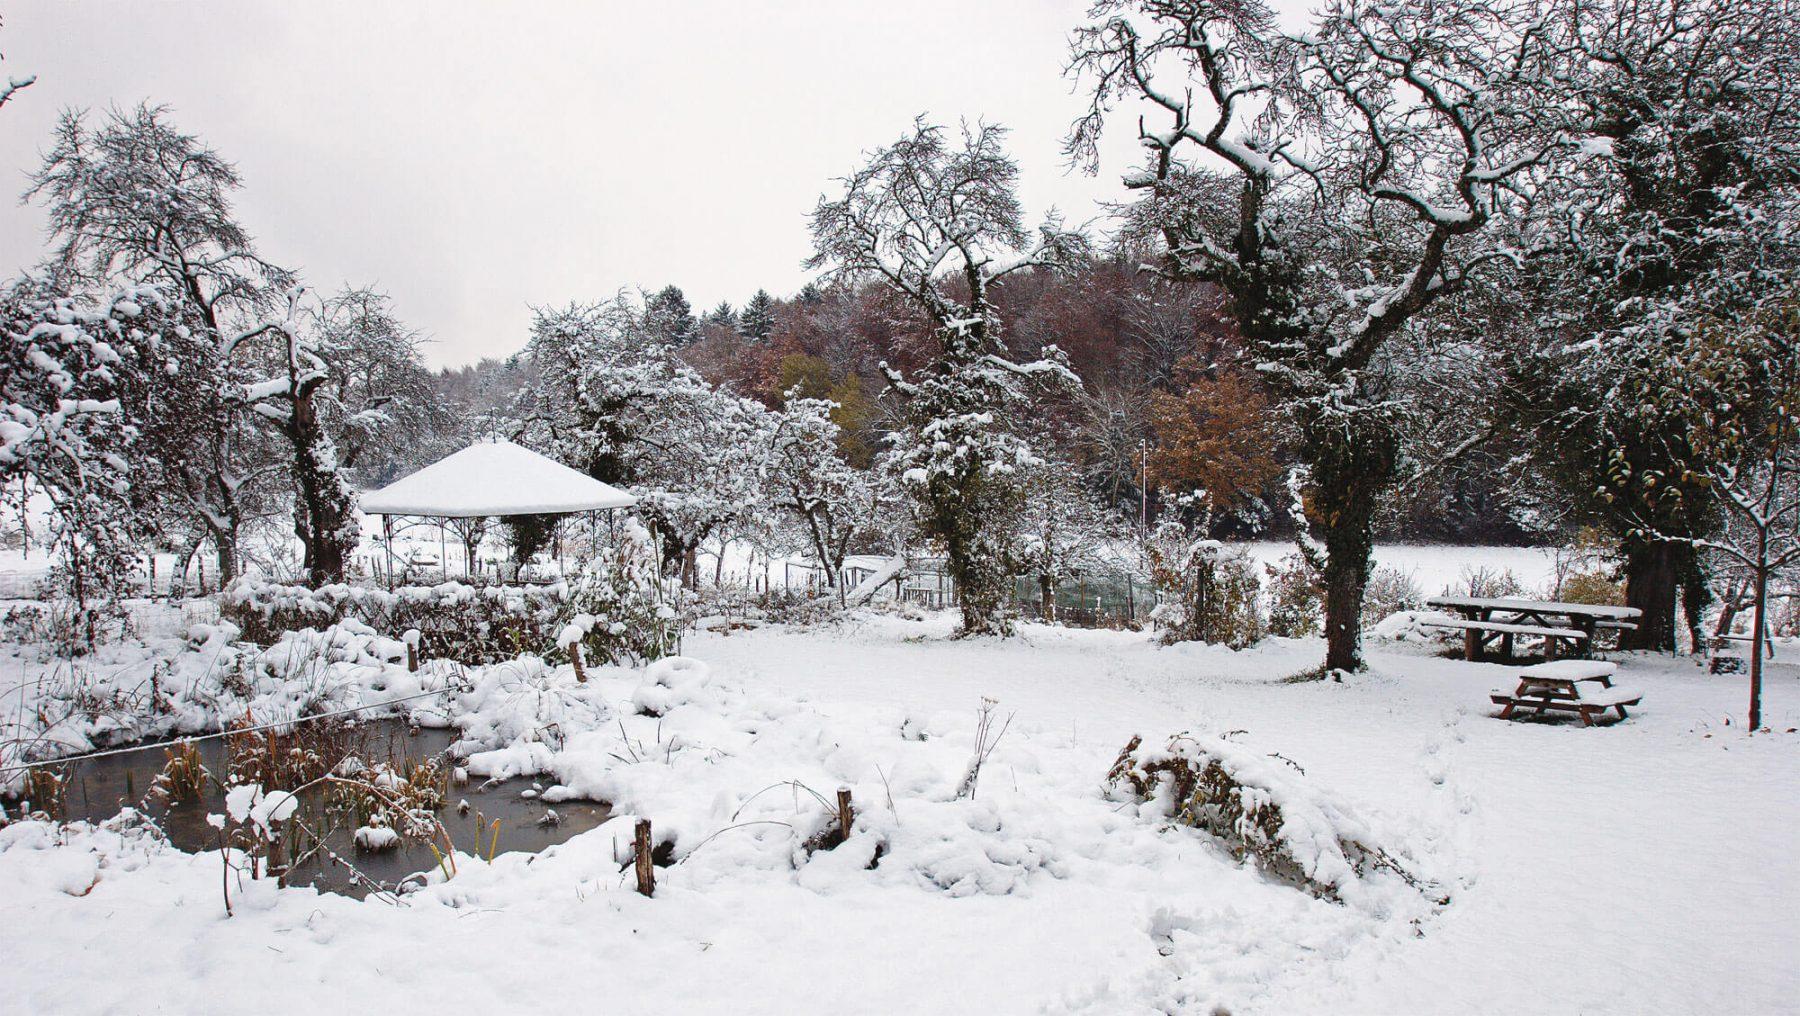 Le mois de f vrier au jardin oiseaux passagers du froid for Jardin en hiver